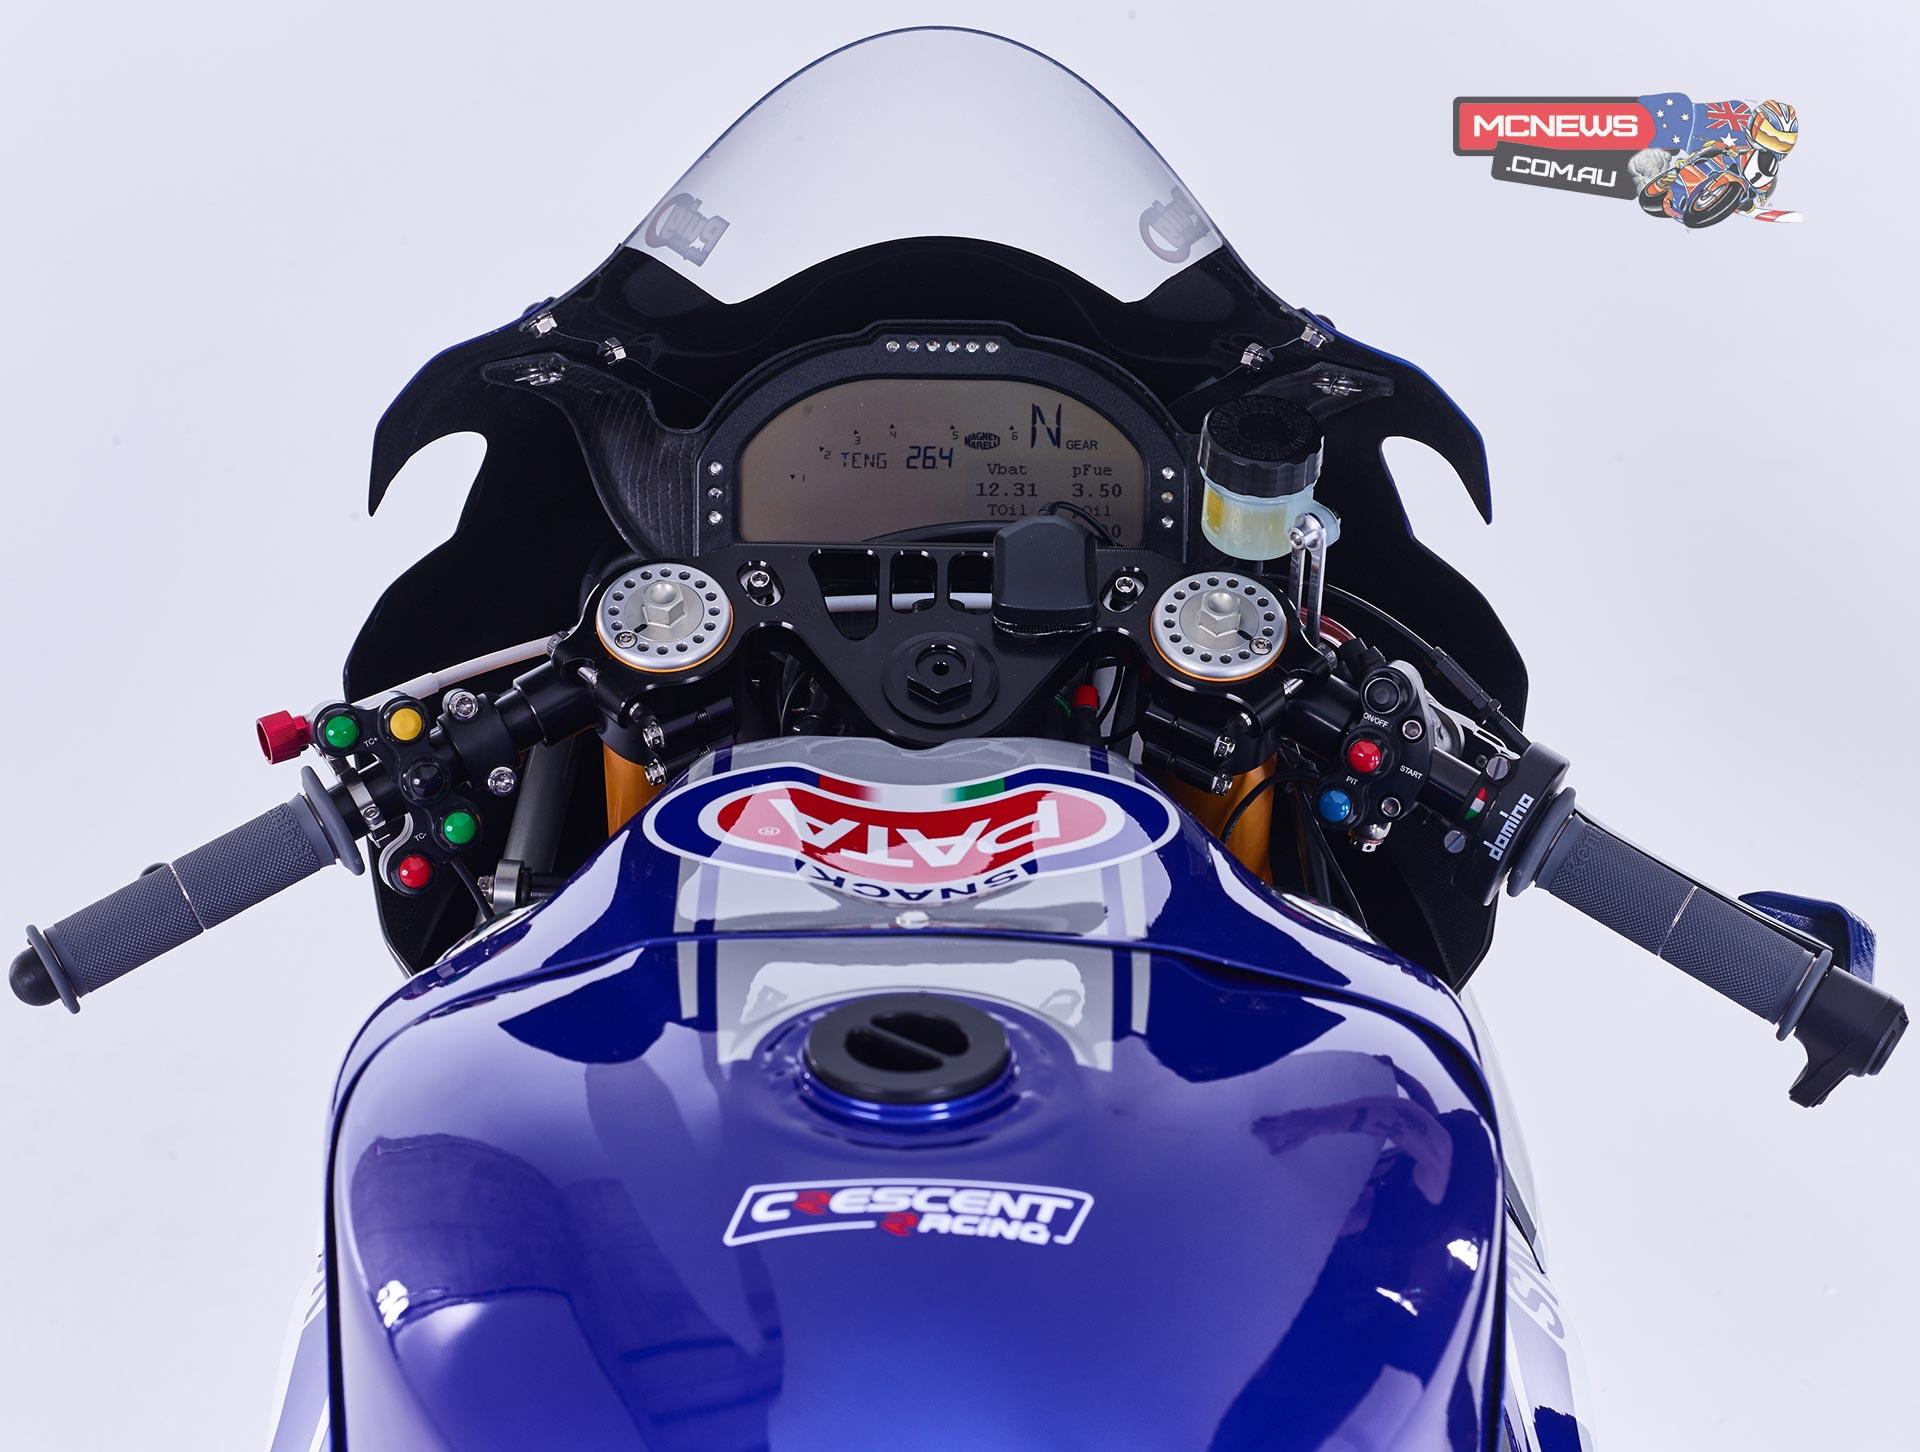 Yamaha YZF R1M Pata World SBK Launch